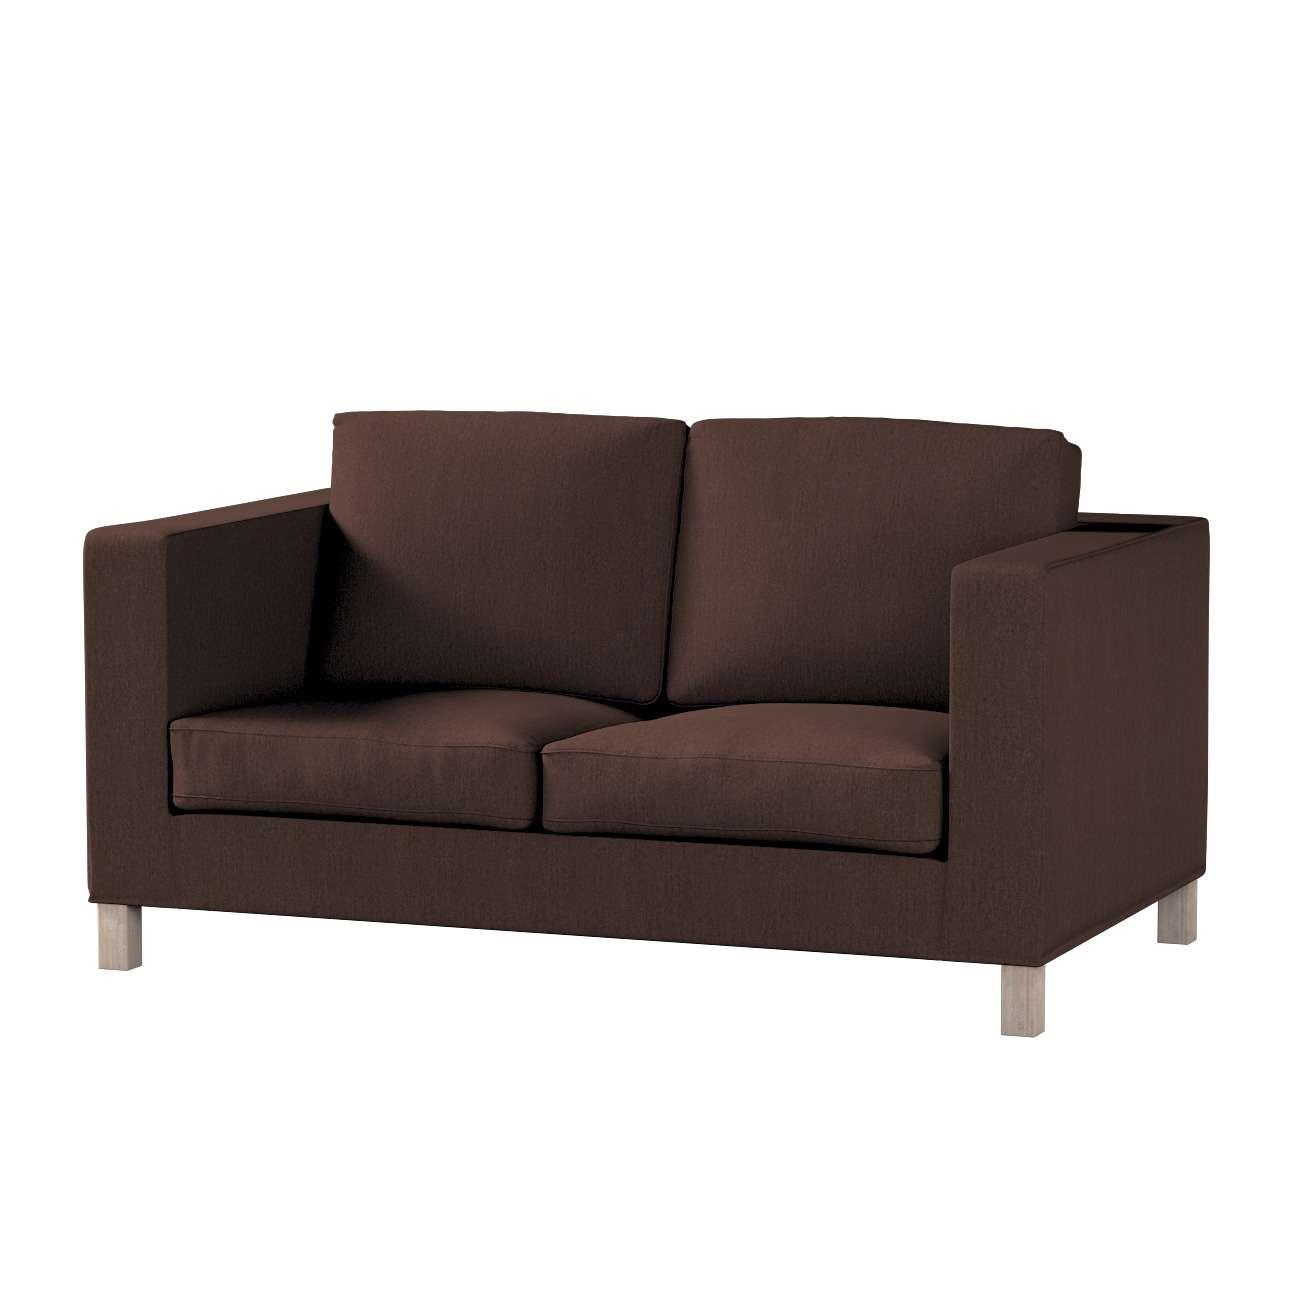 KARLANDA dvivietės sofos užvalkalas KARLANDA dvivietės sofos užvalkalas kolekcijoje Chenille, audinys: 702-18